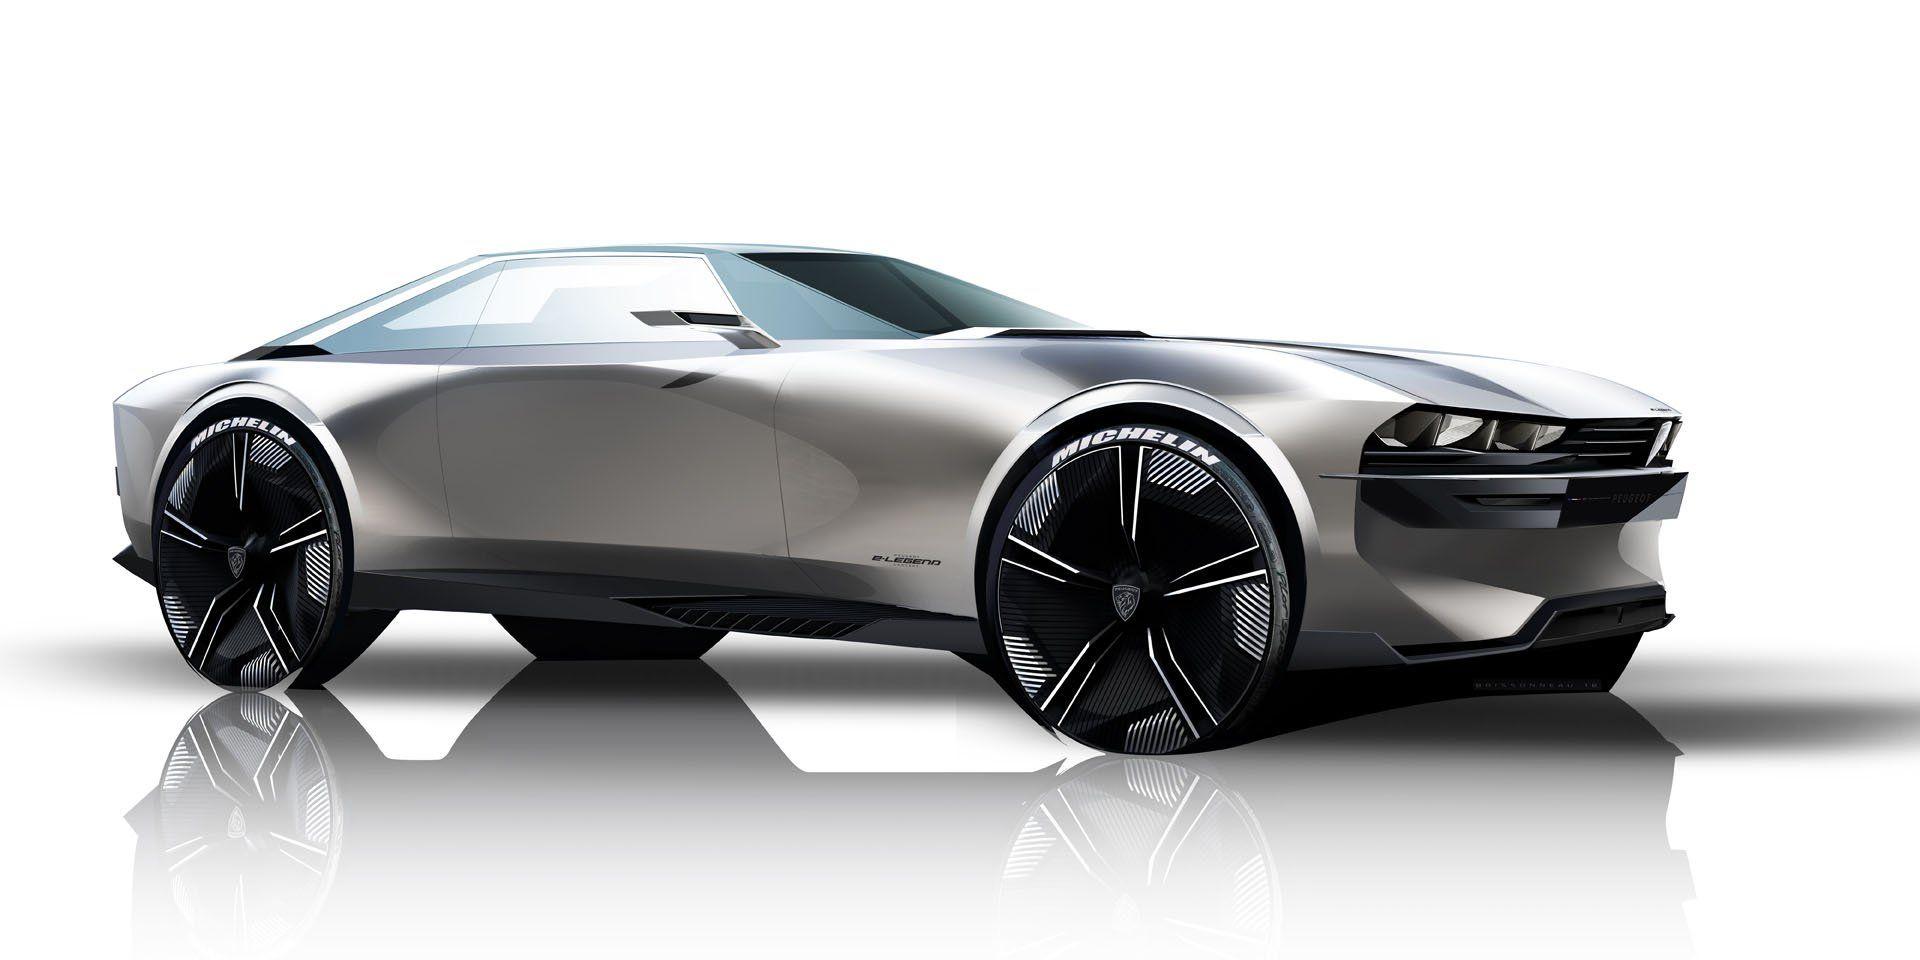 Peugeot E Legend Concept Takes Retro Design Into The Future In Paris